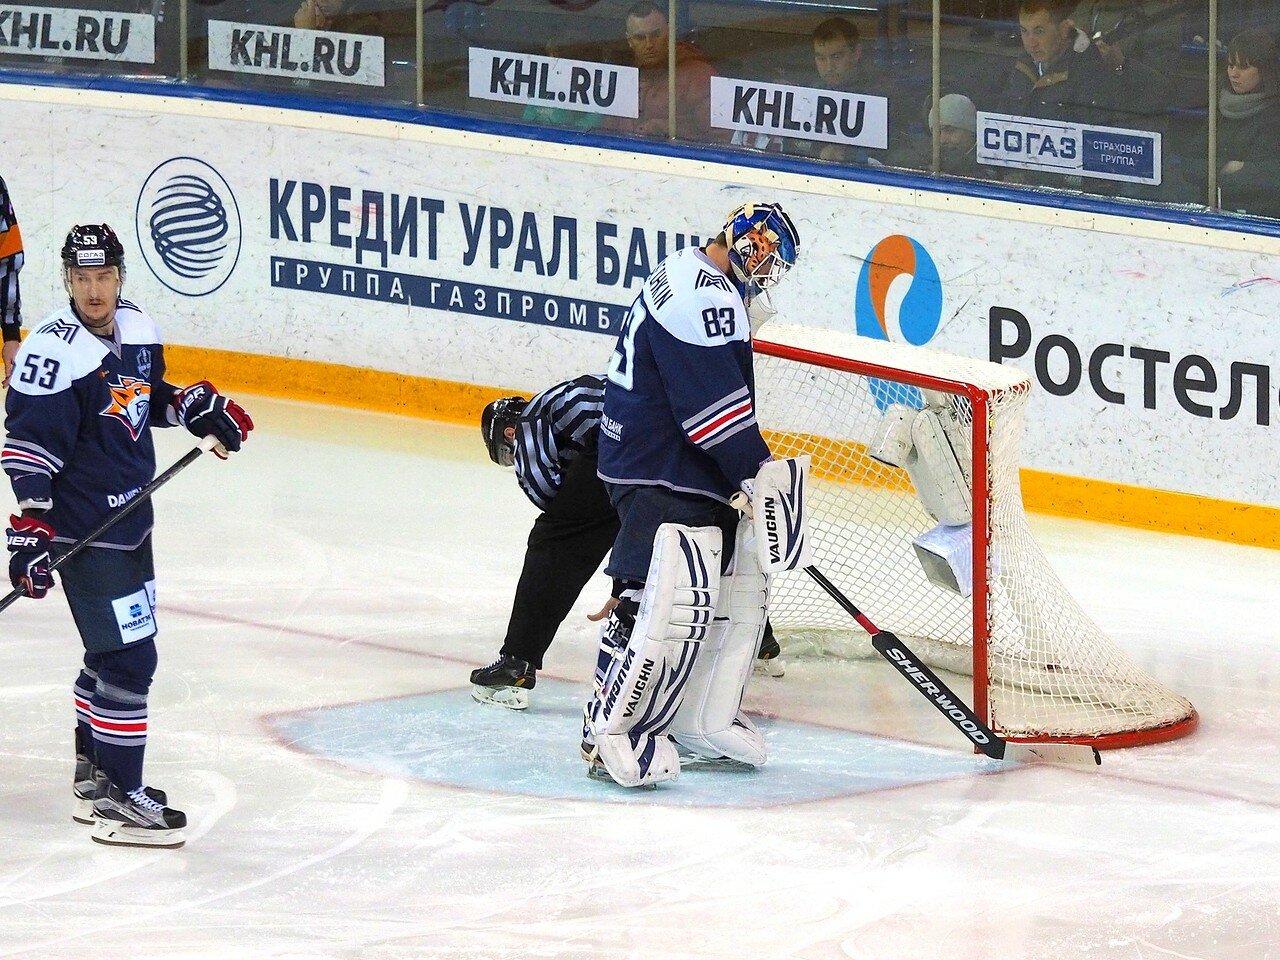 37 Первая игра финала плей-офф восточной конференции 2017 Металлург - АкБарс 24.03.2017